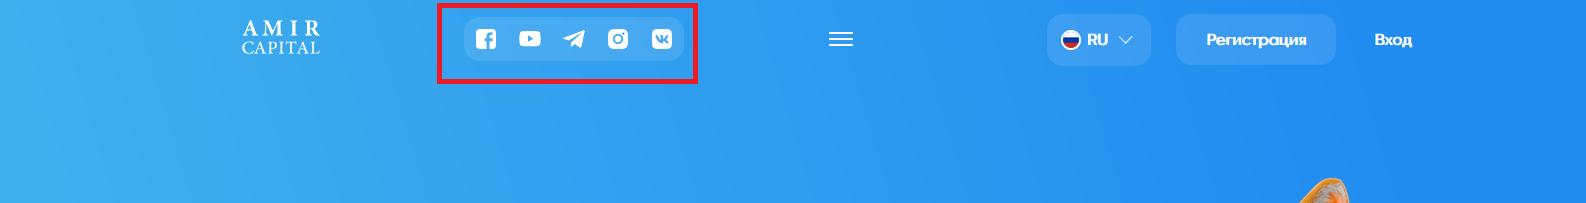 У Amir Capital есть личные страницы и каналы